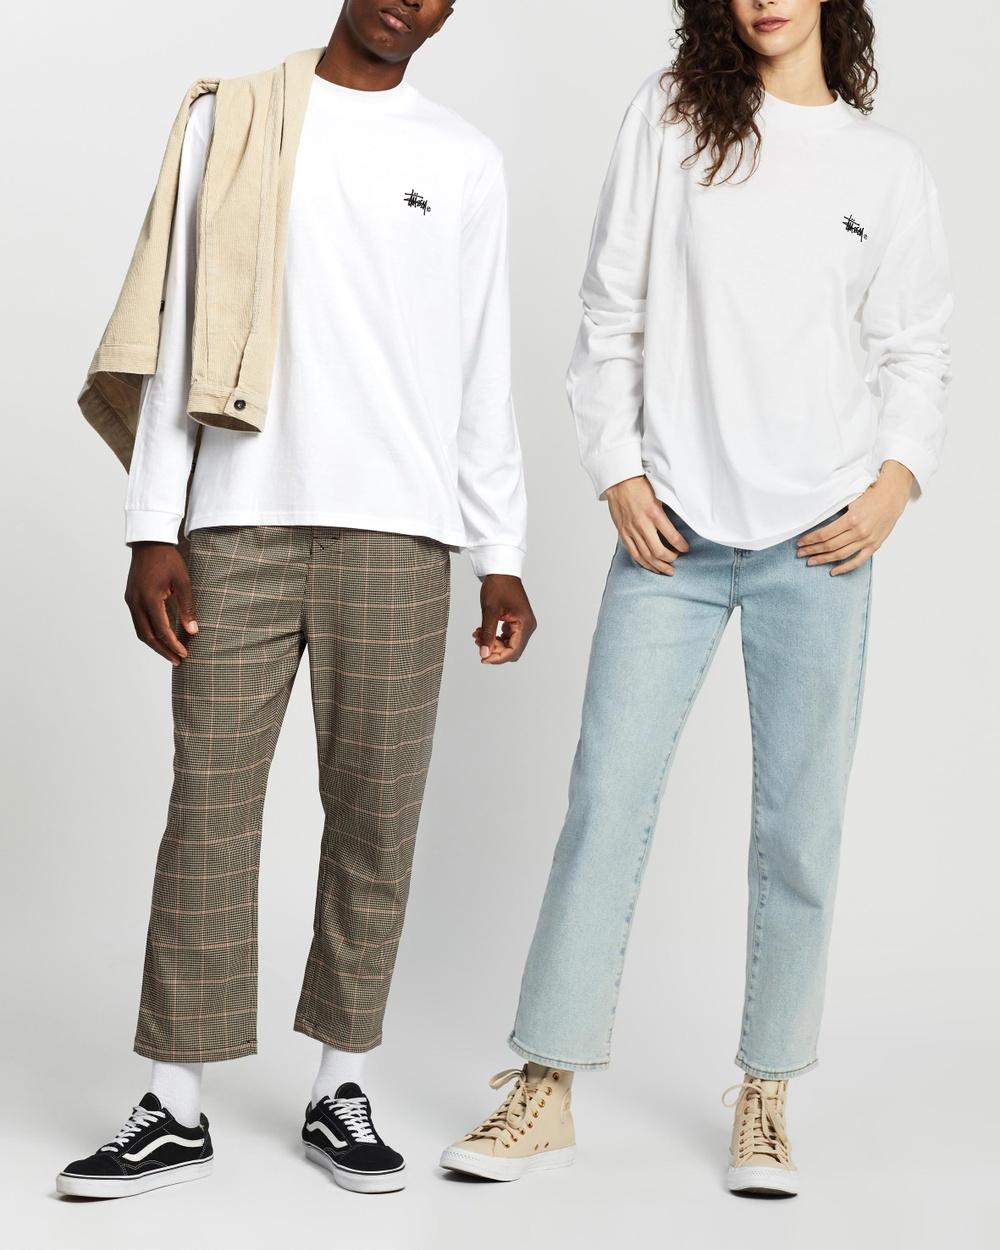 Stussy - Mock Neck LS Tee   Unisex - T-Shirts & Singlets (White) Mock Neck LS Tee - Unisex